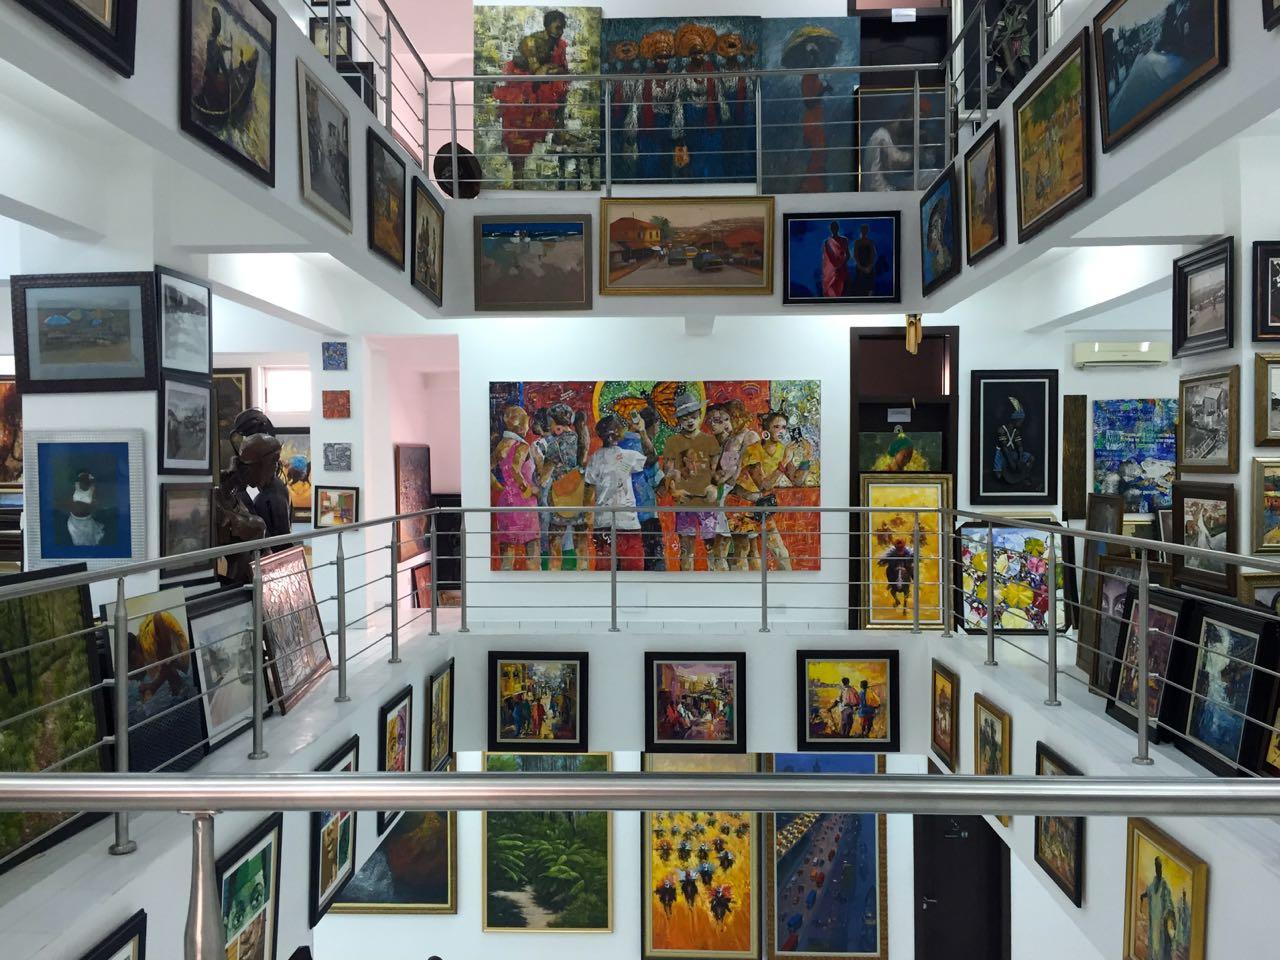 nike-art-gallery-paintings-lekki-republic